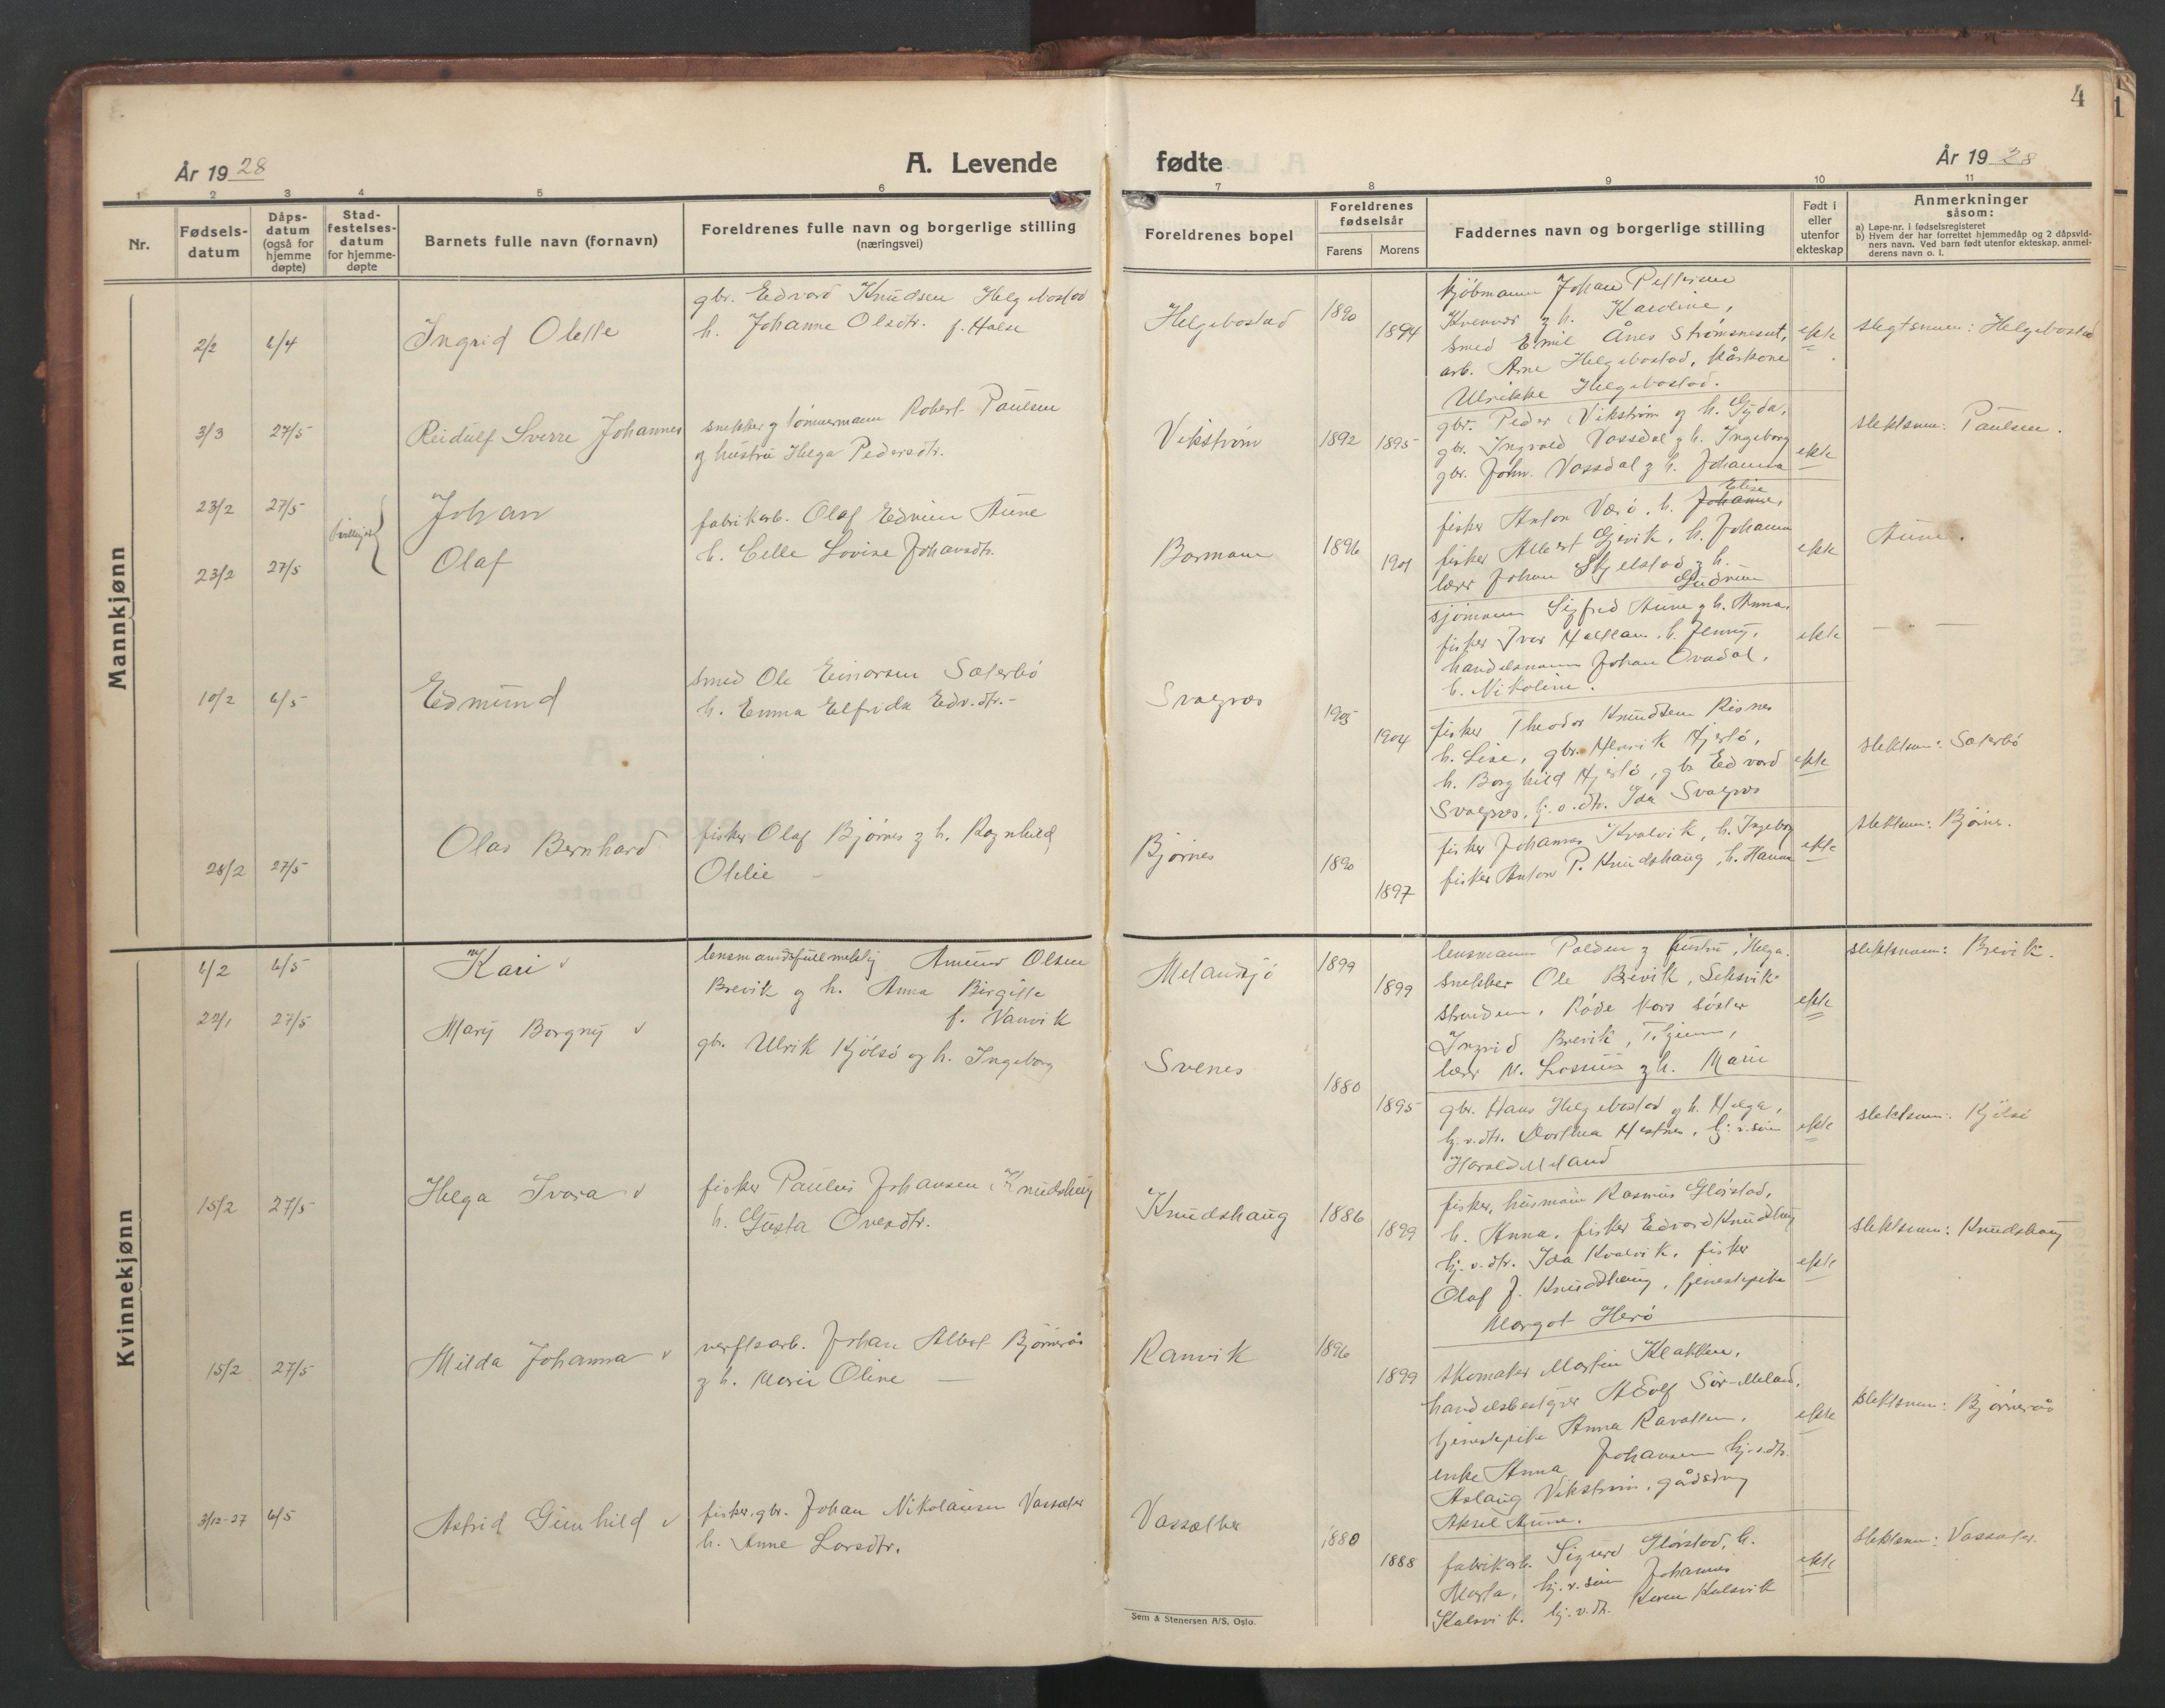 SAT, Ministerialprotokoller, klokkerbøker og fødselsregistre - Sør-Trøndelag, 634/L0544: Klokkerbok nr. 634C06, 1927-1948, s. 4